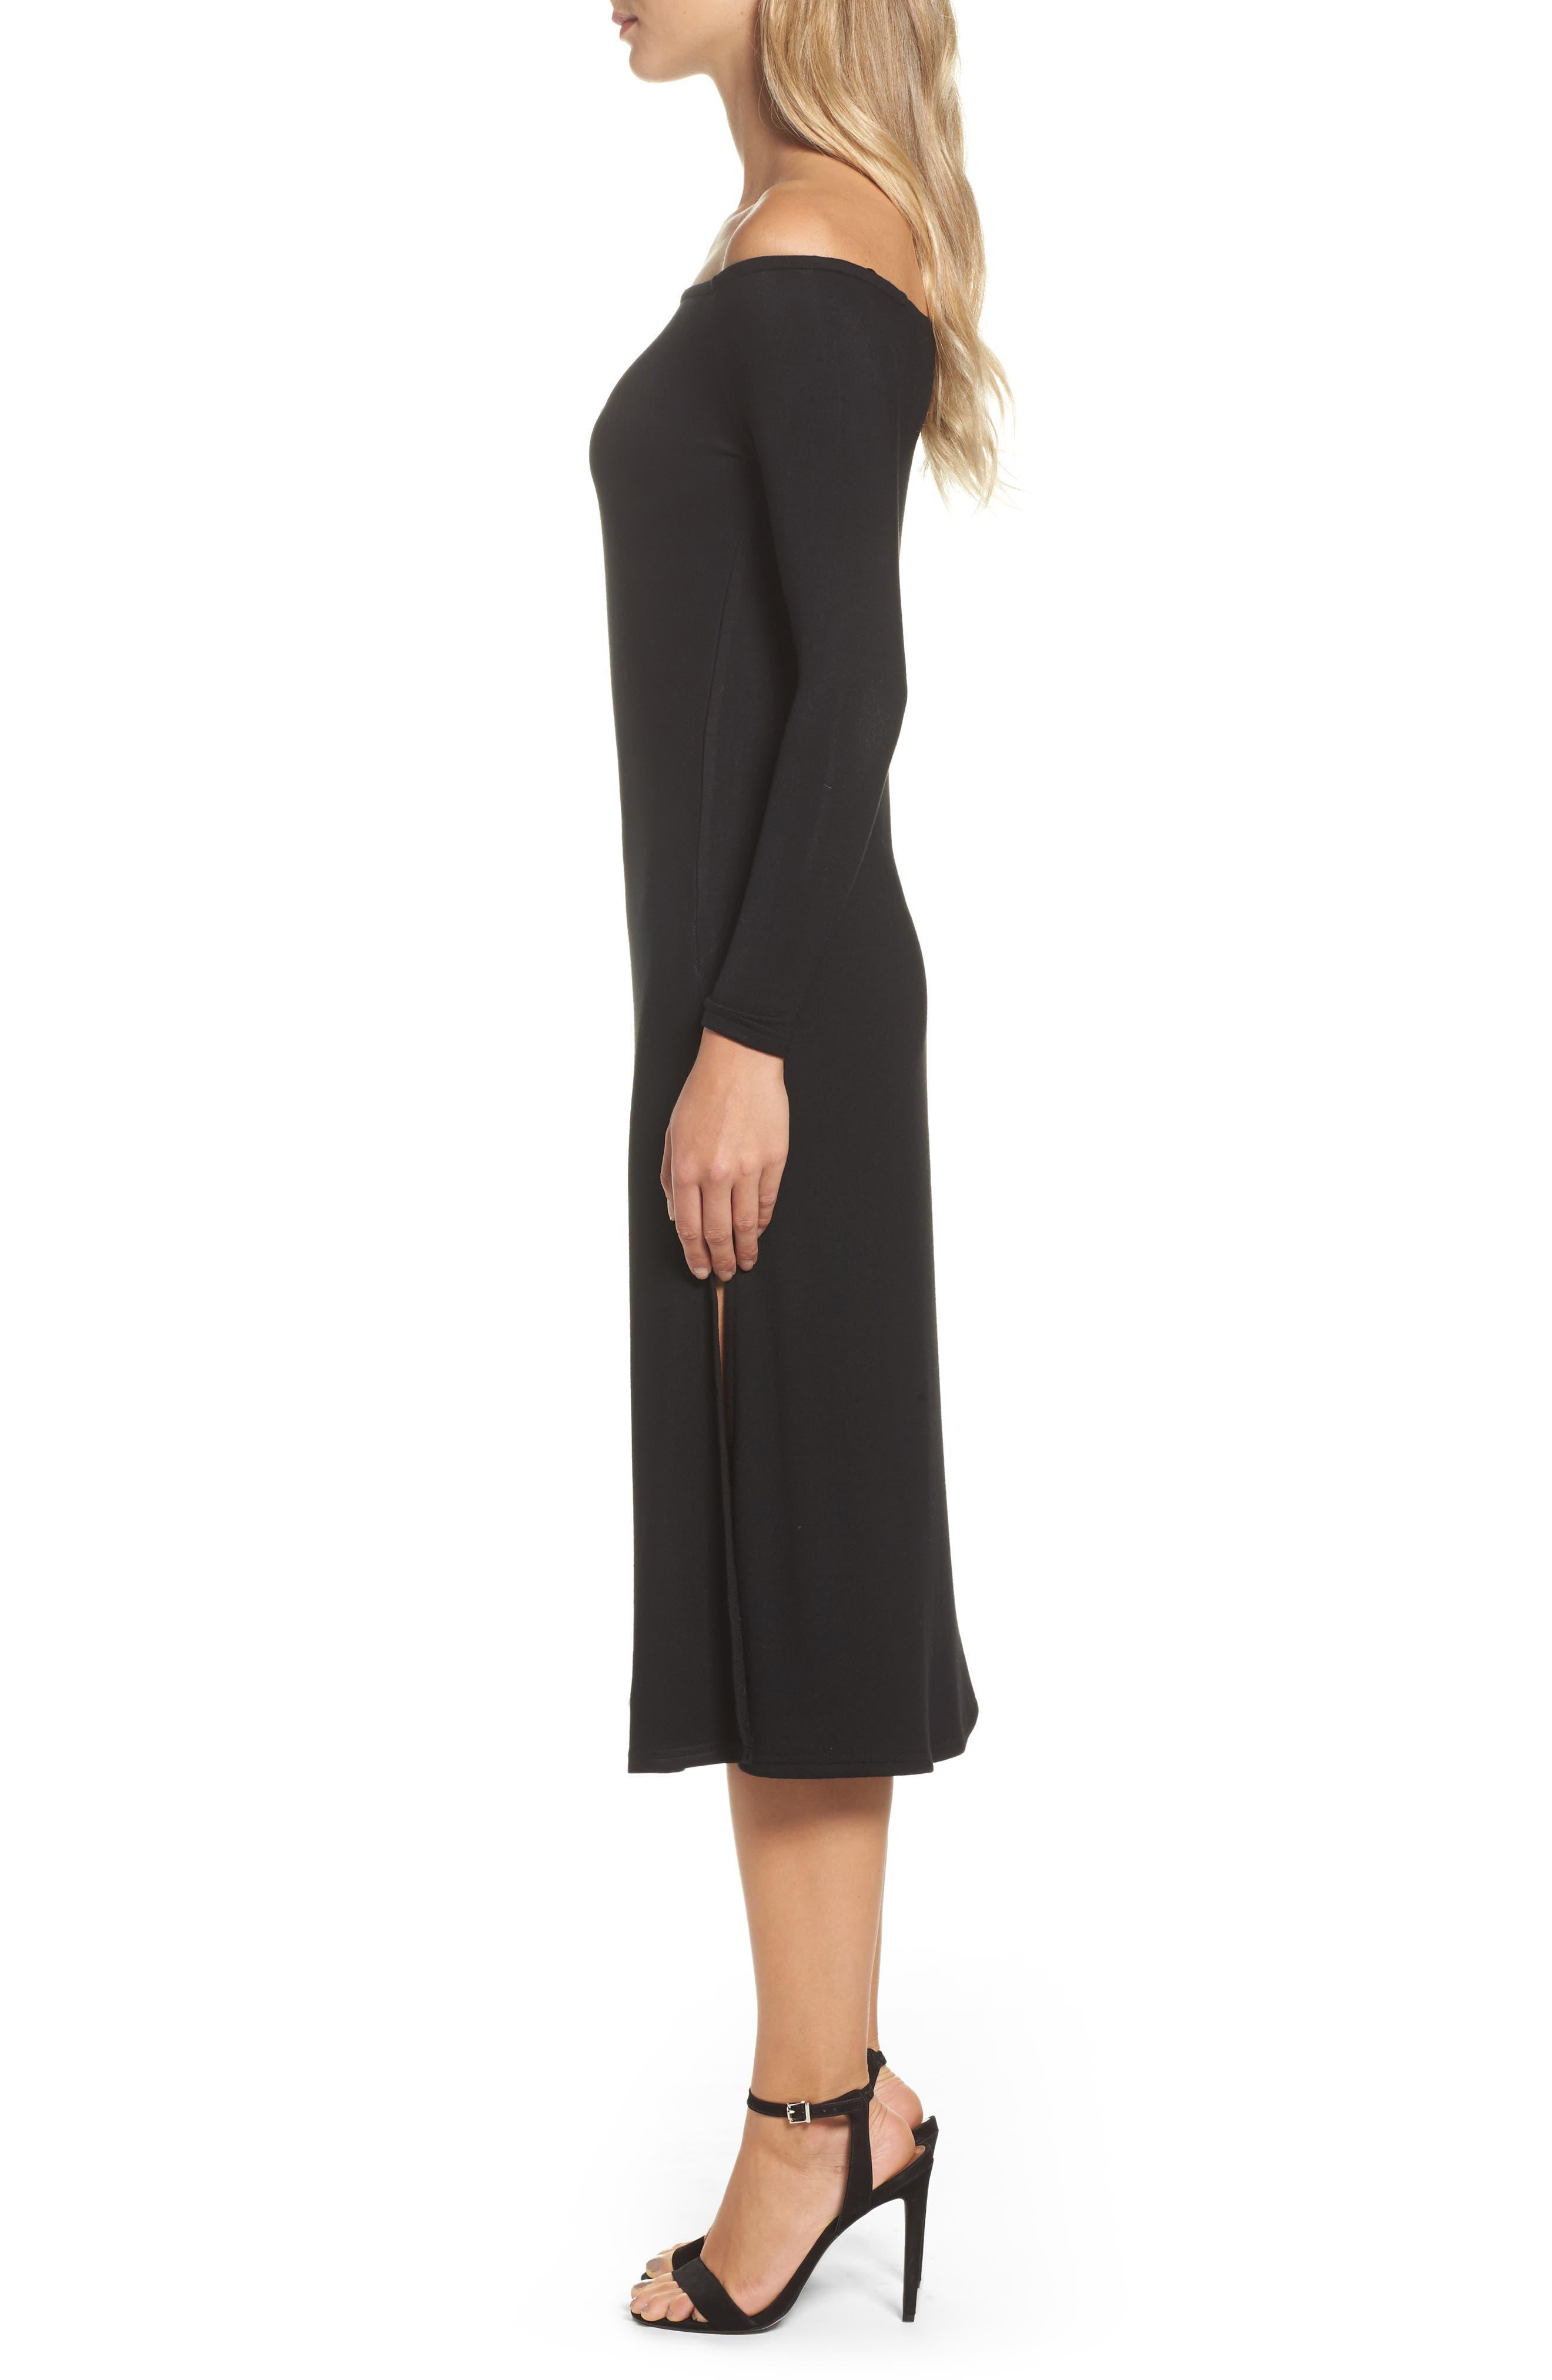 Blair Off the Shoulder A-Line Dress,                             Alternate thumbnail 3, color,                             001